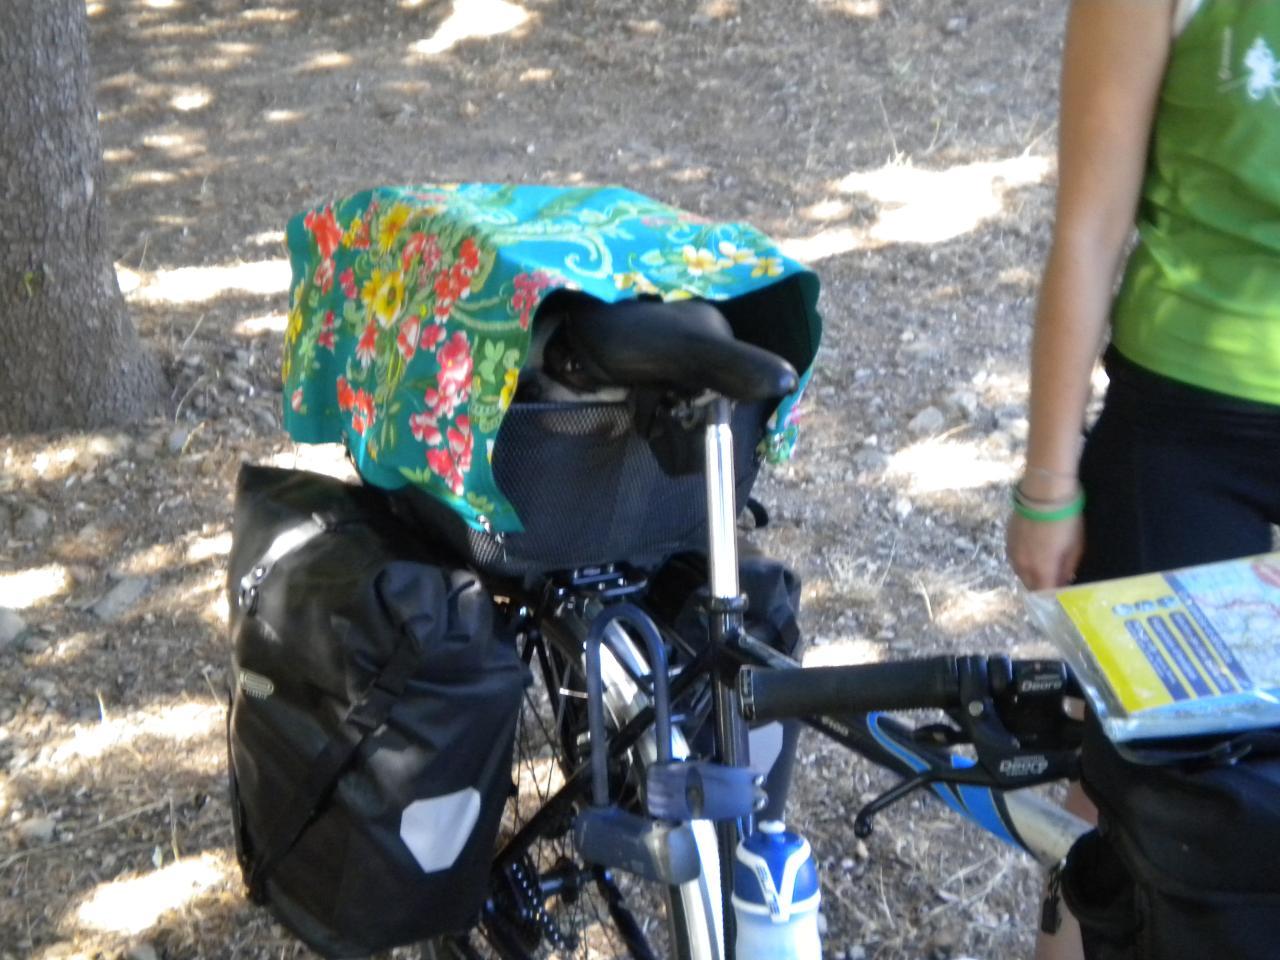 Equipaggiamento bici viaggiare con il cane